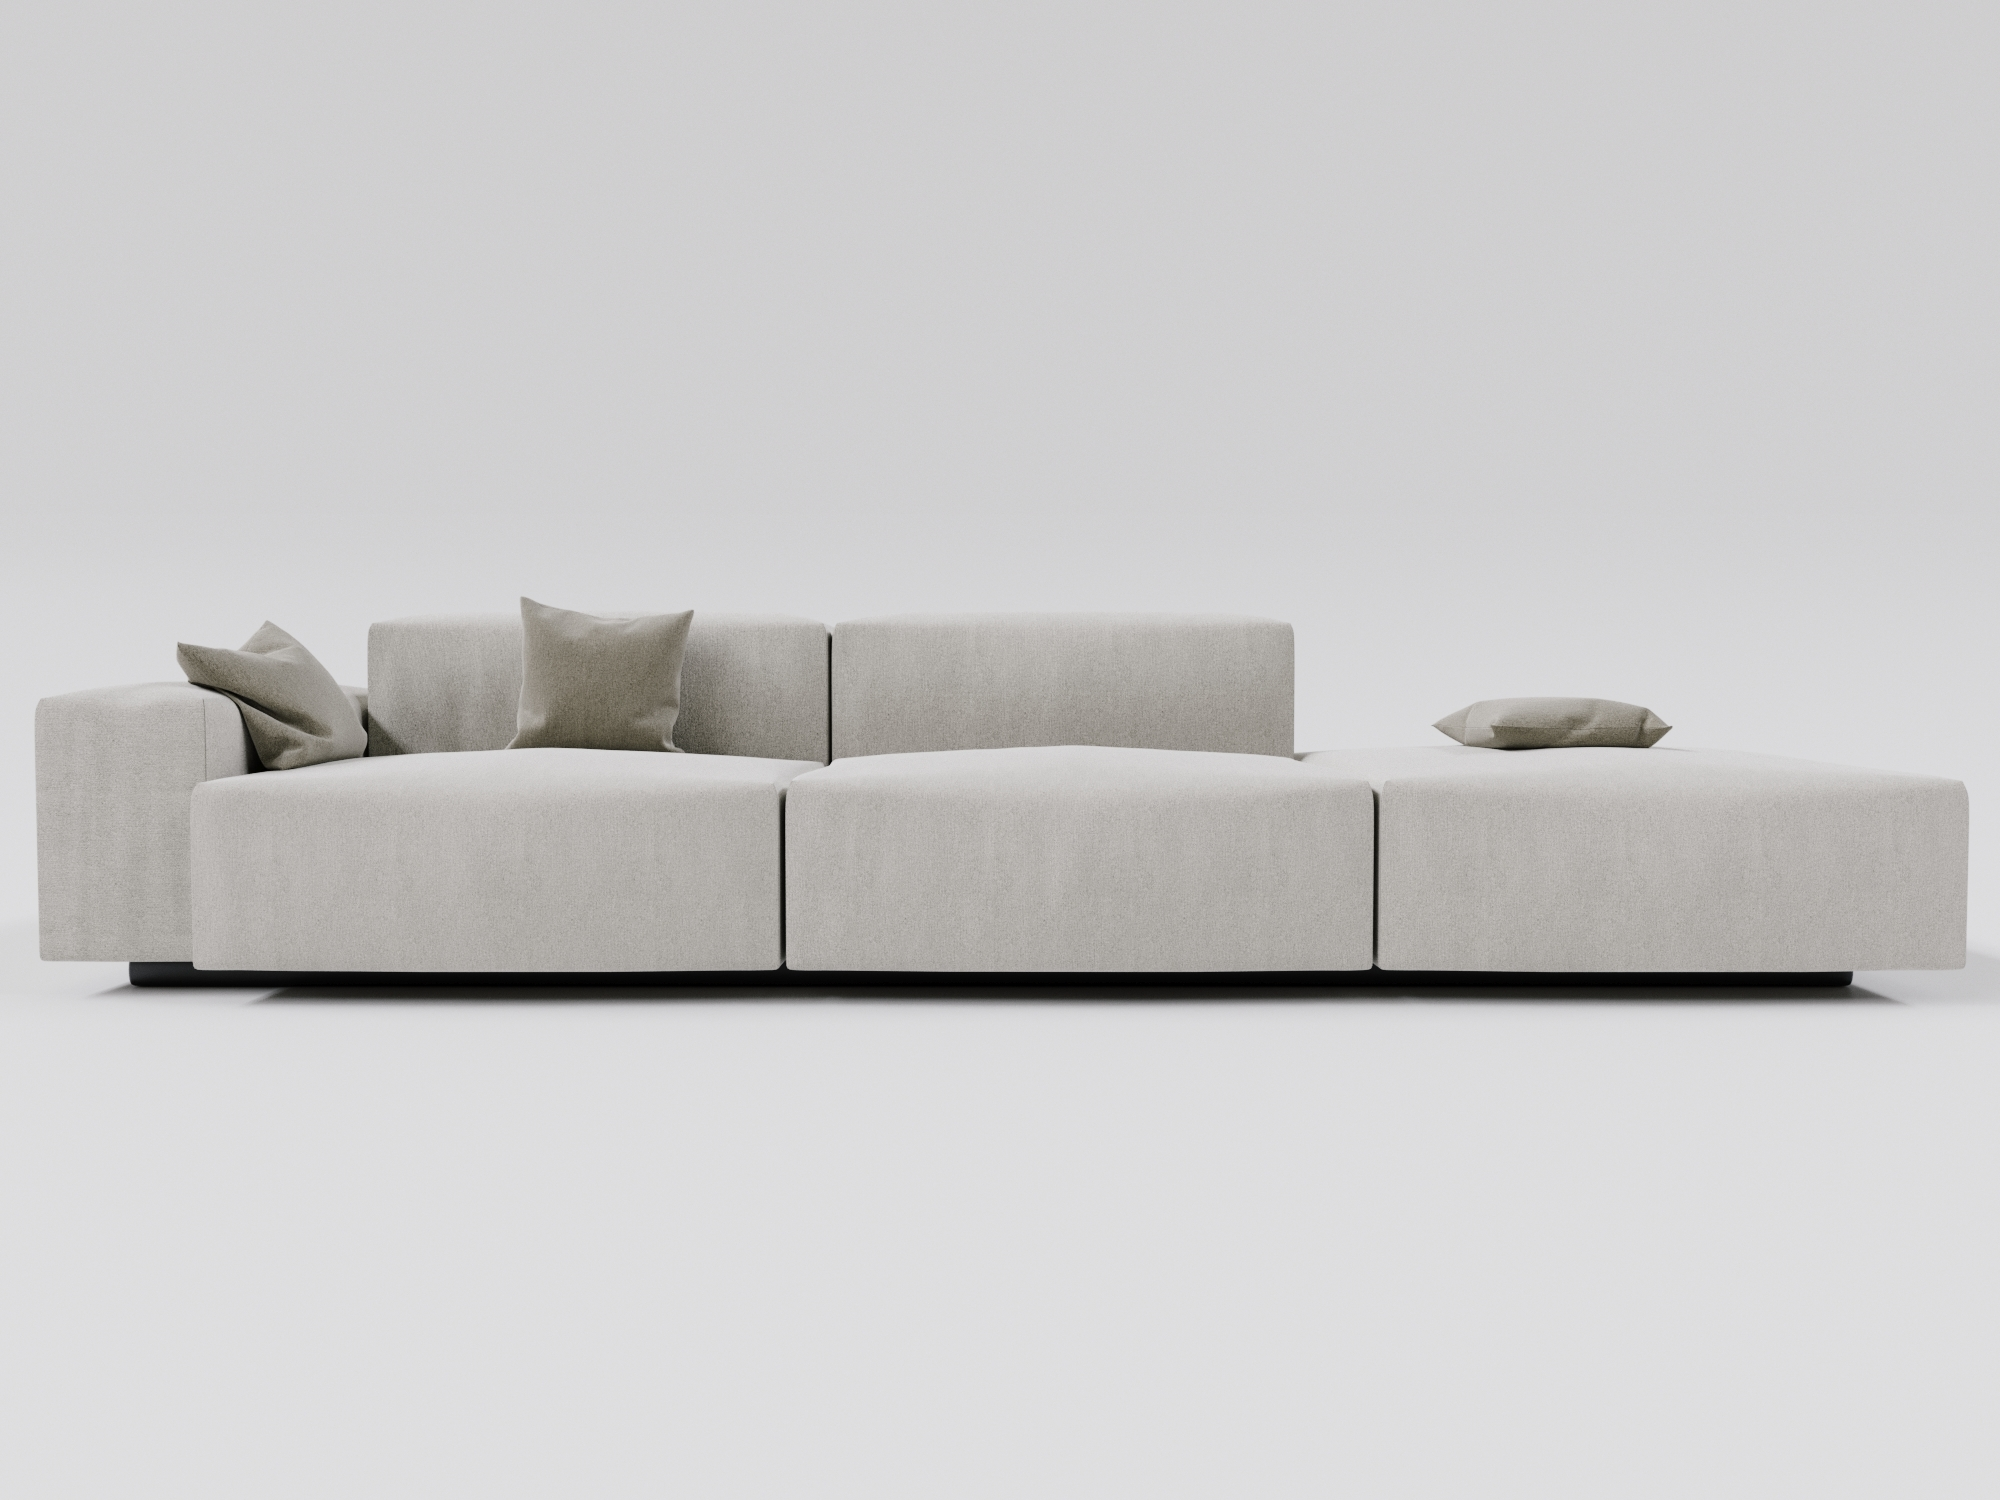 Full Size of Modular Sofa Set Flex Modulares Leder Mit Schlaffunktion Lennon Westwing System Ikea Dhel Kissen Weiches 3d Modell Turbosquid 1356226 Für Esstisch Big Sofa Modulares Sofa